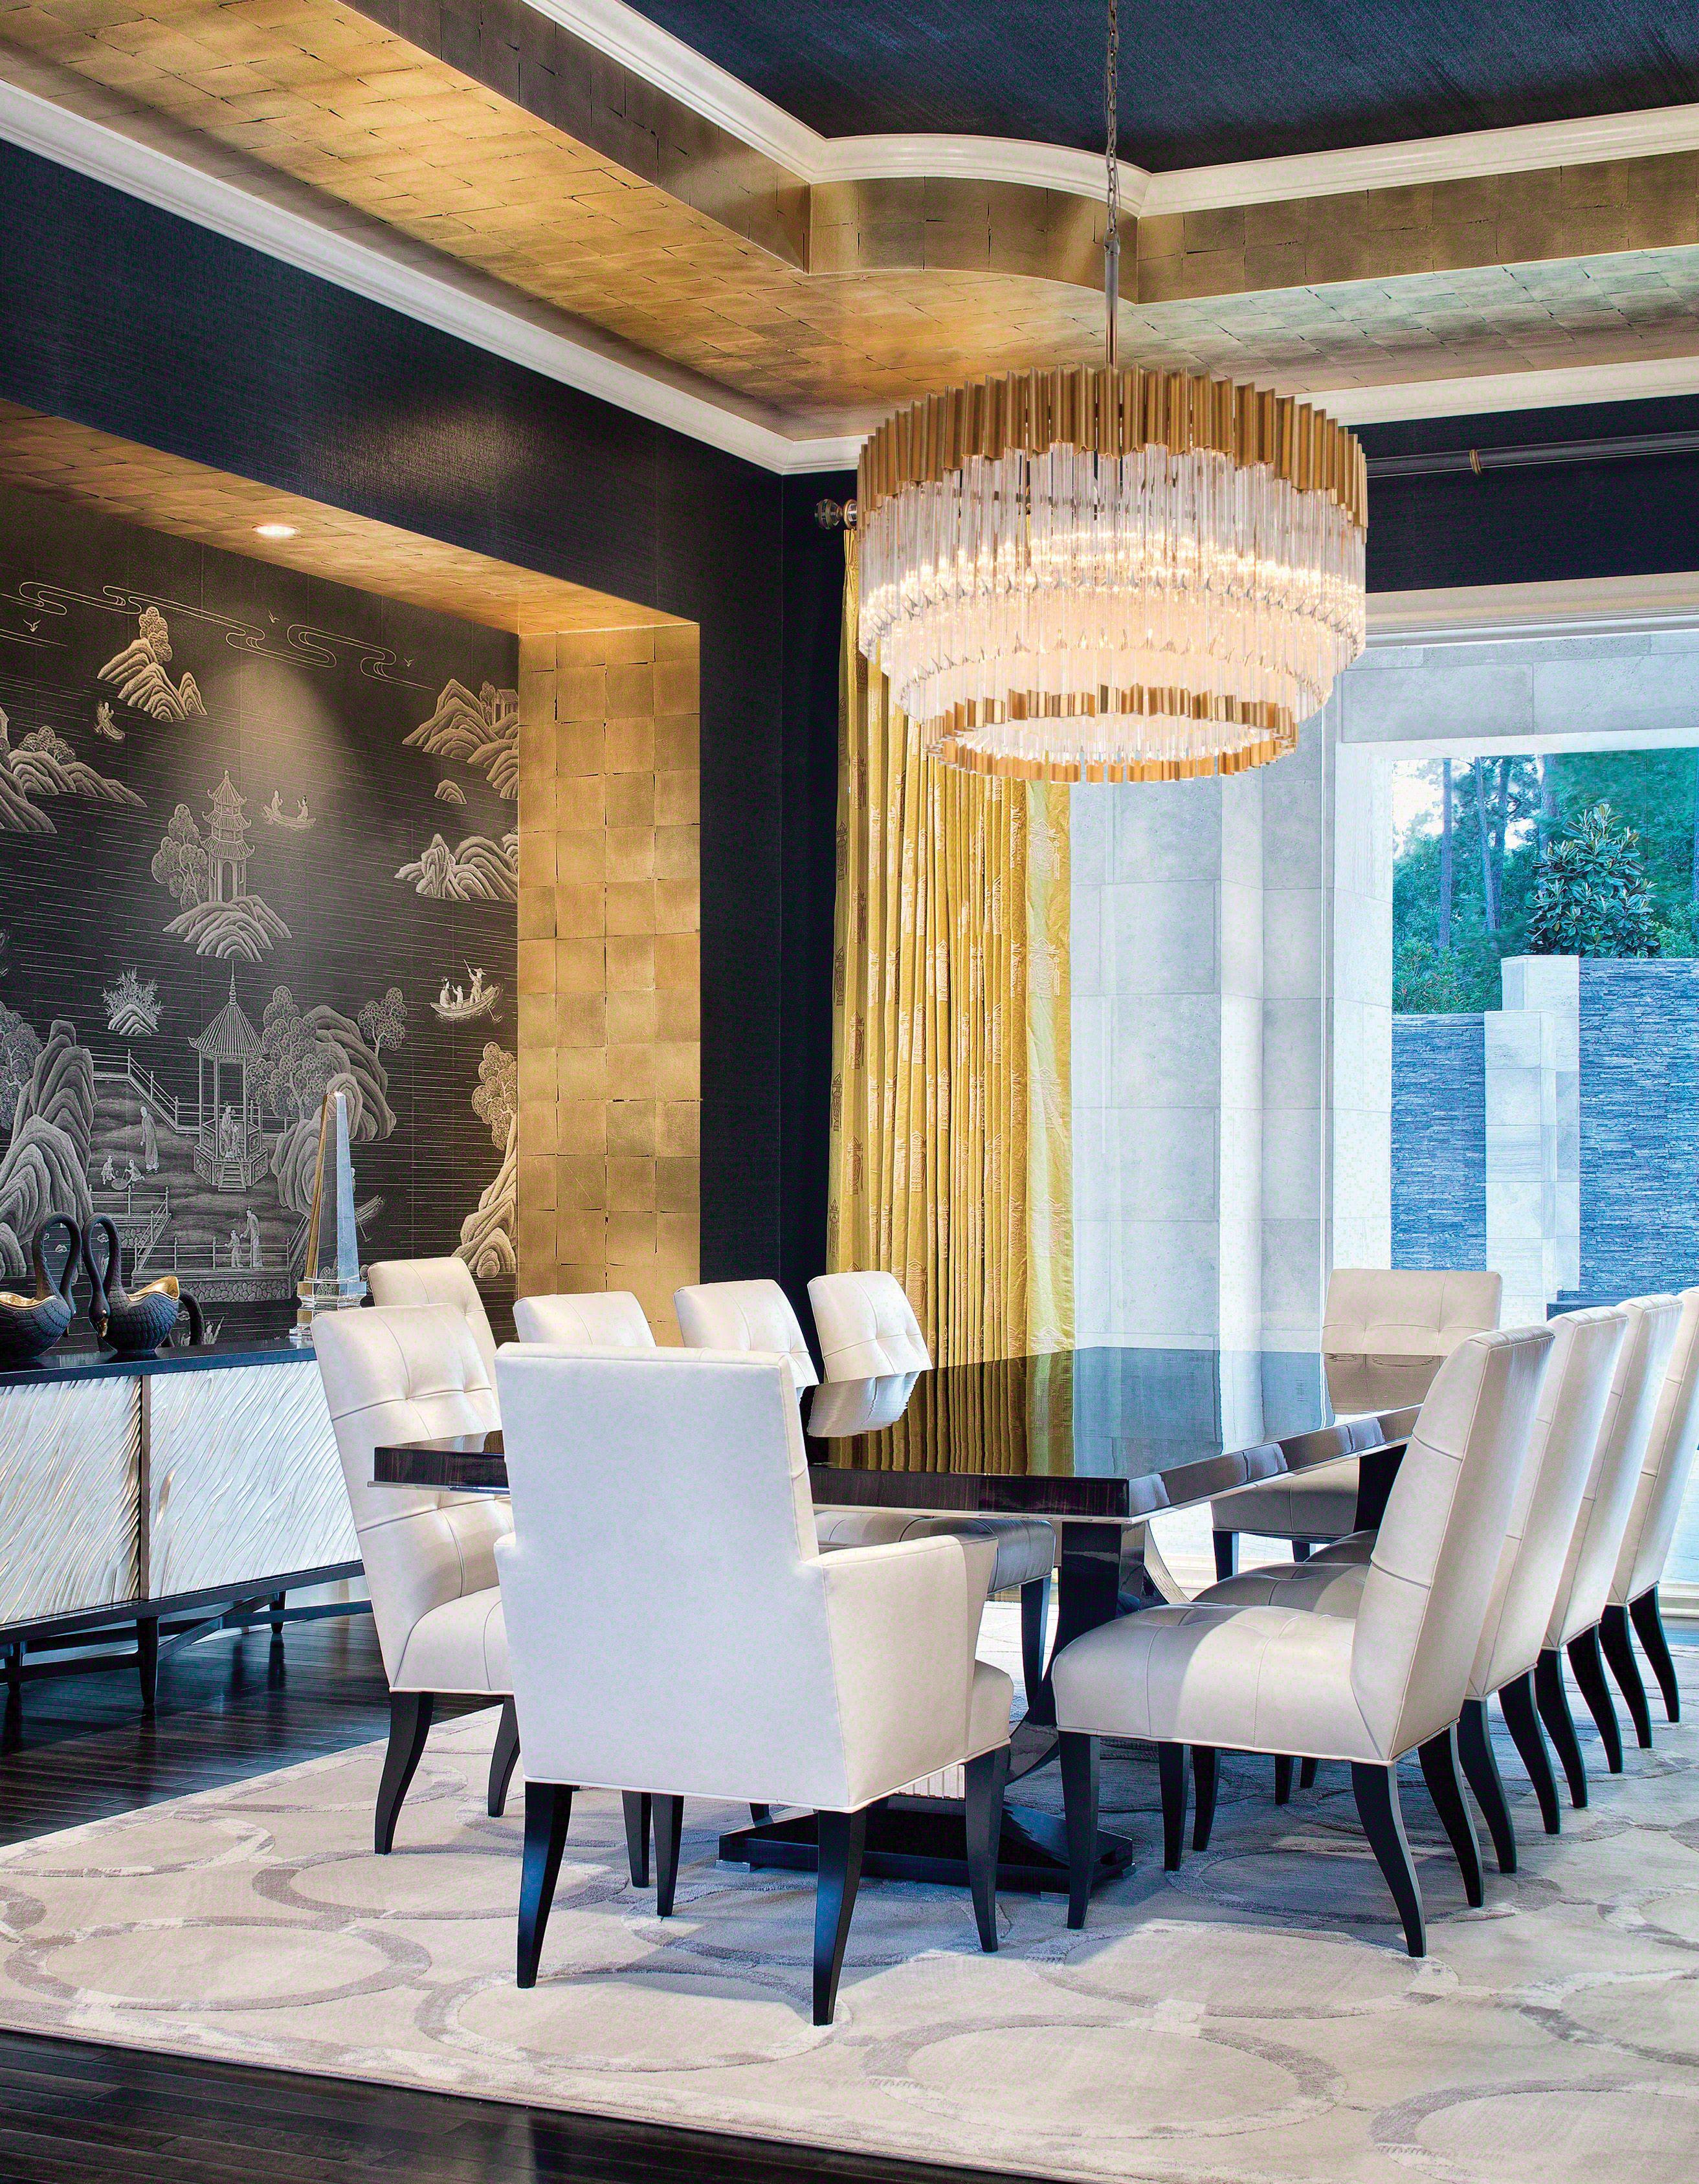 Corbett Charisma Chandelier Dining Room Wall Decor Dining Room